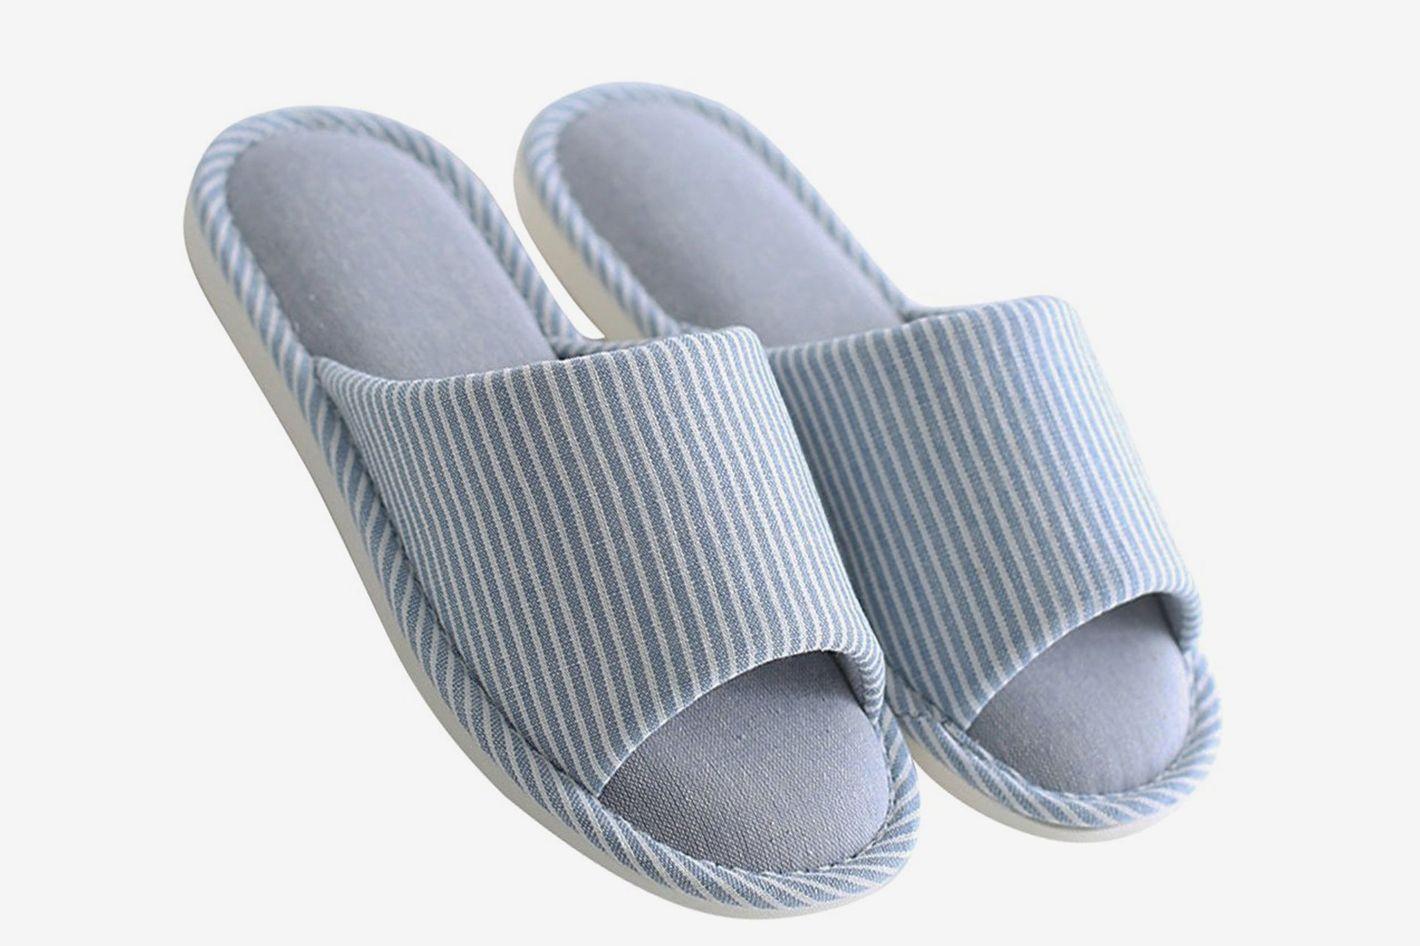 3105dfa9de8 14 Best Women's Slippers 2018